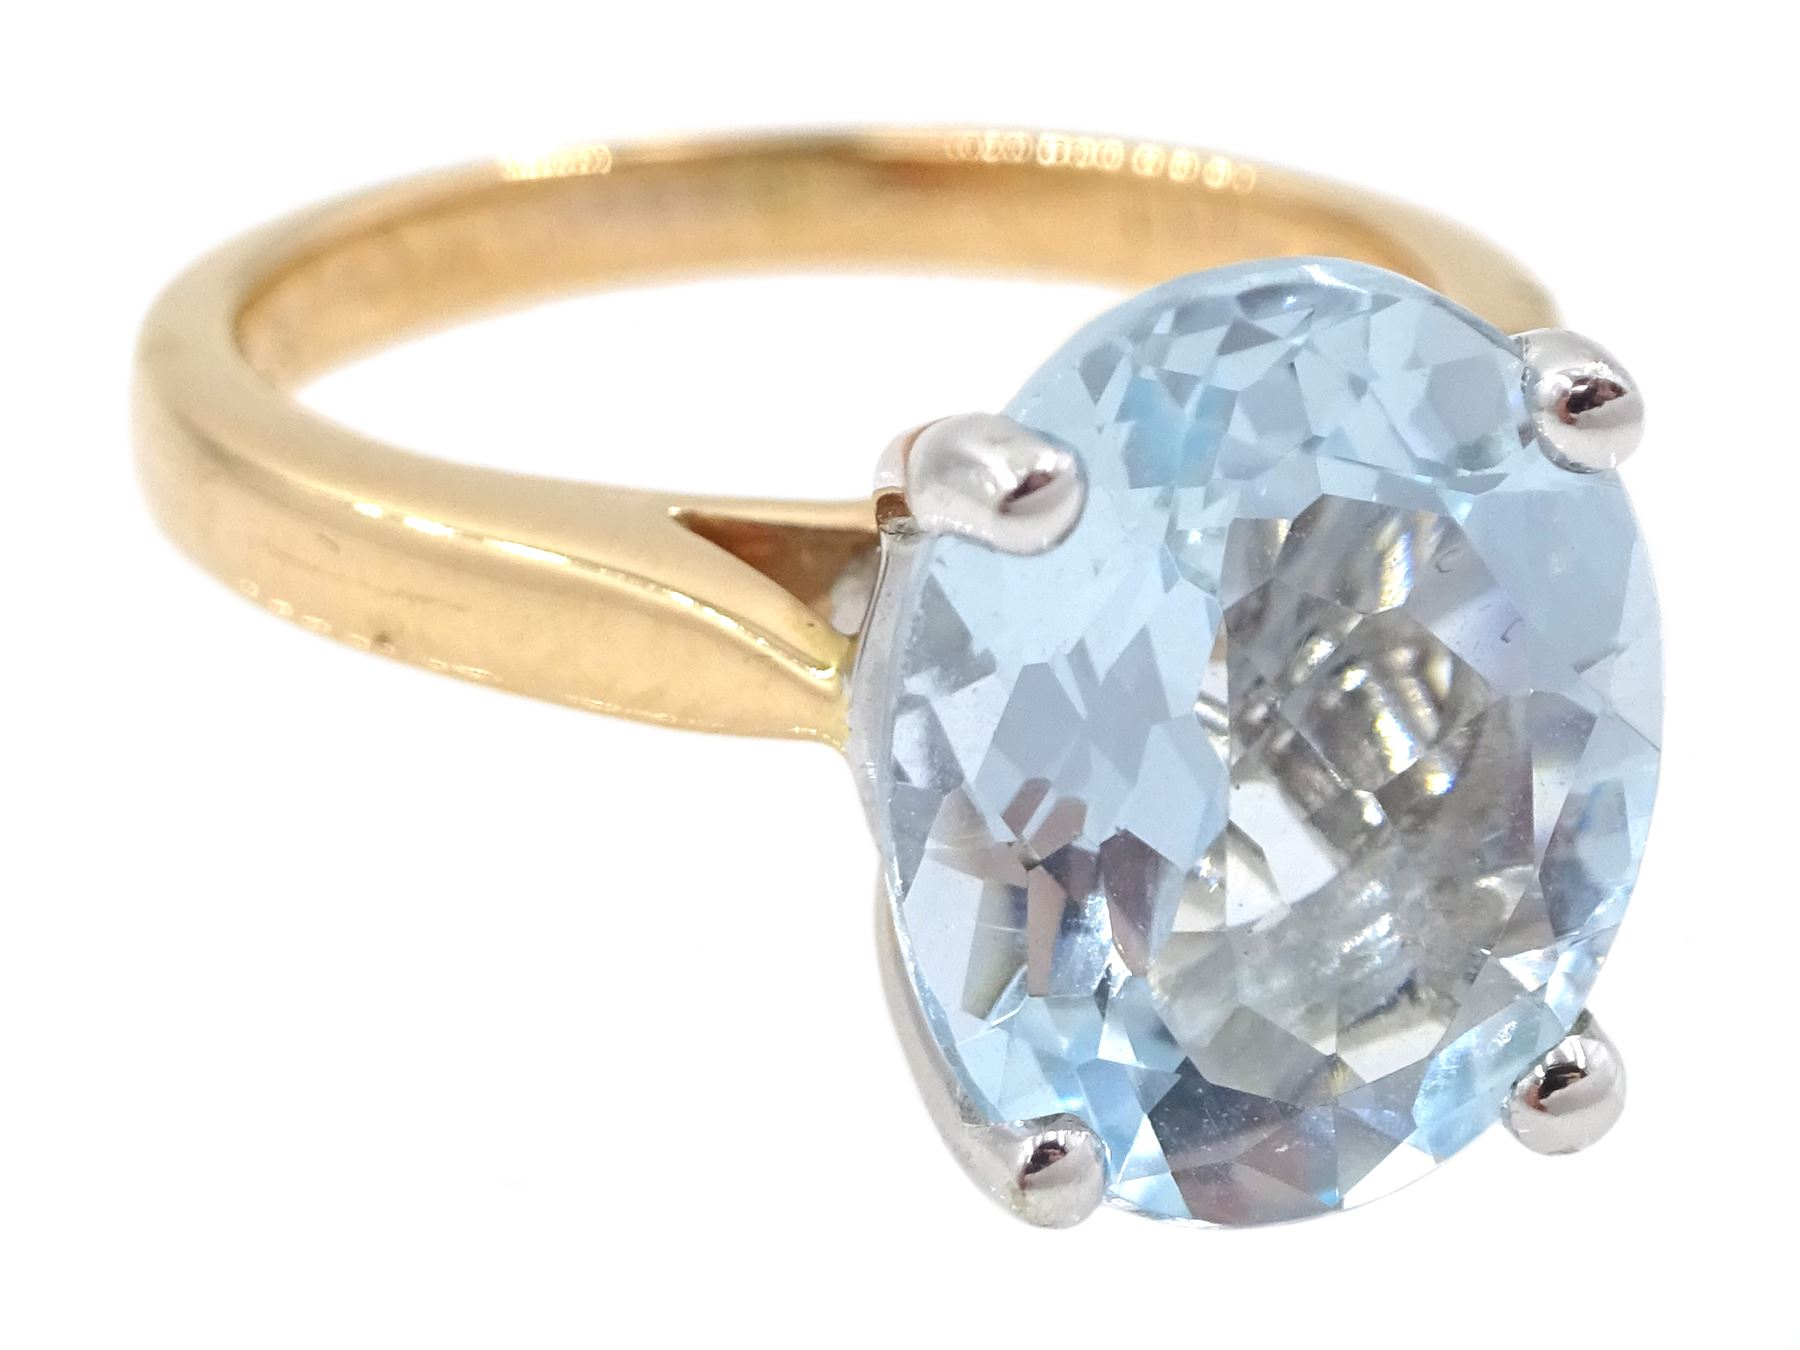 18ct rose gold single stone oval aquamarine ring - Image 3 of 4